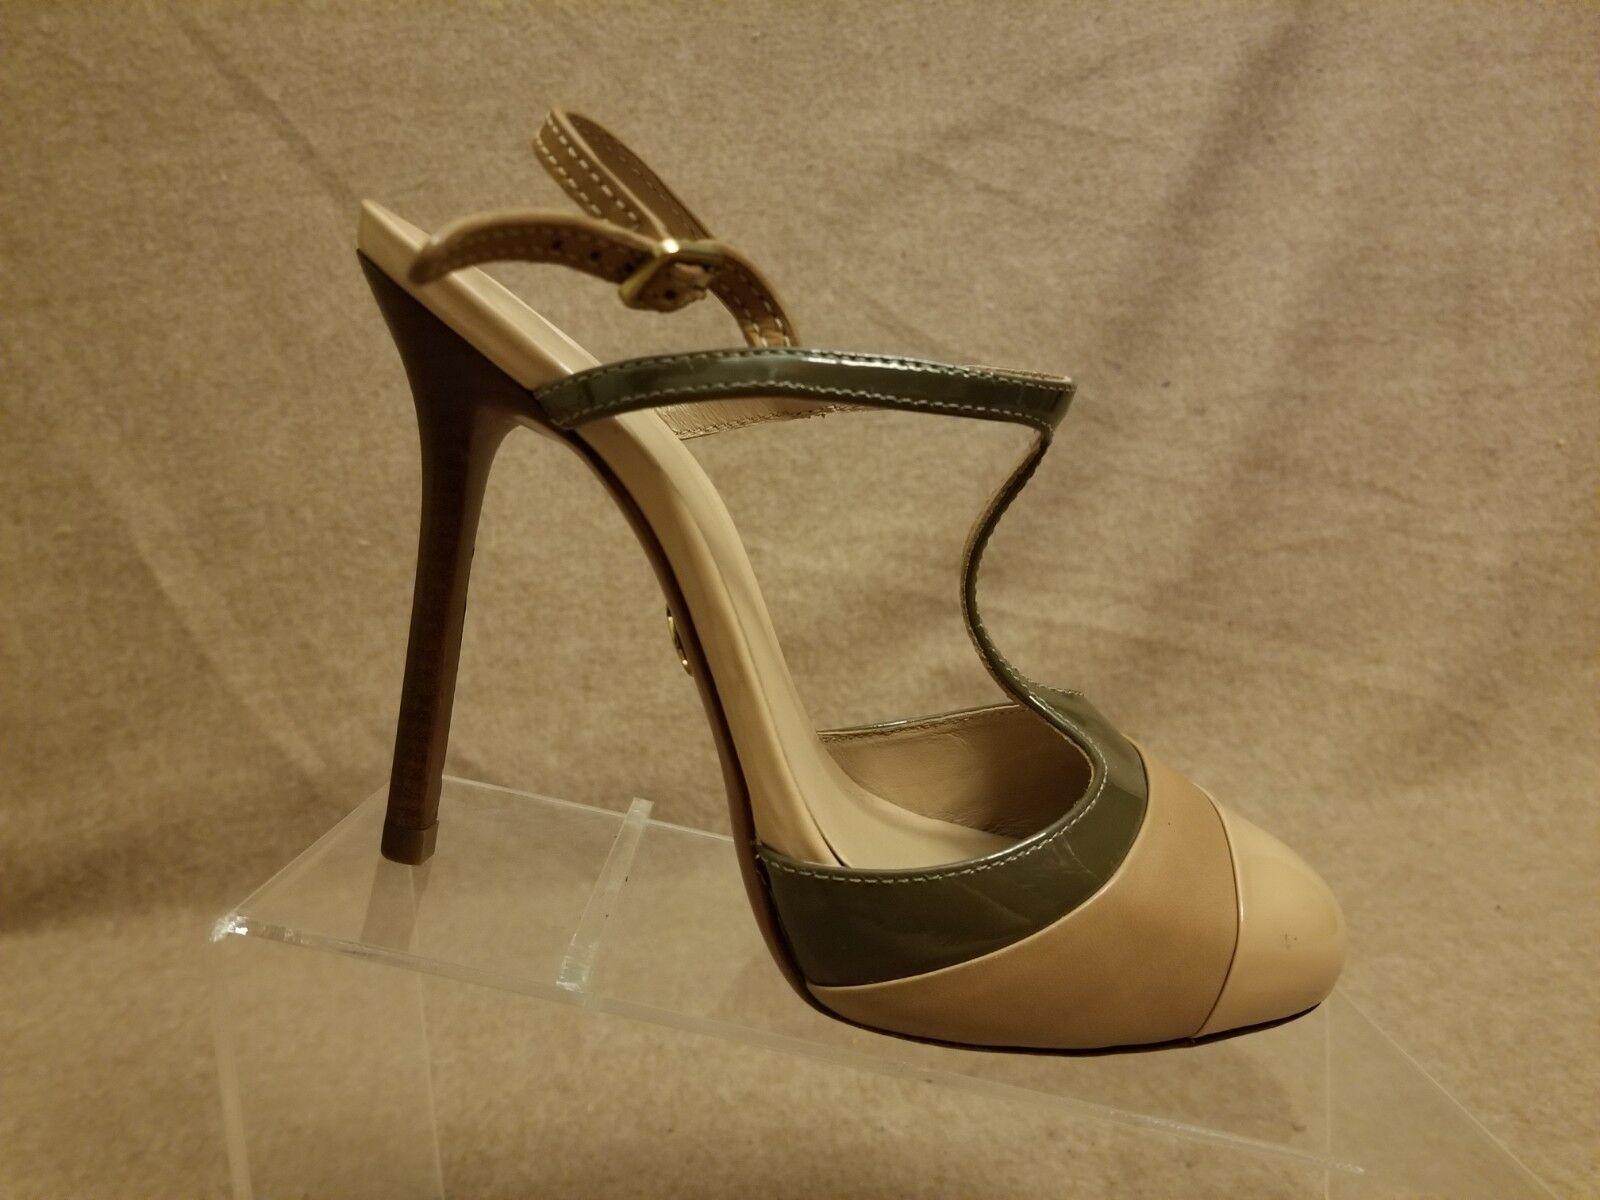 Tory Burch Chaussures Femmes Nude Cuir Bride Arrière T-strap Talons Hauts Sandales Taille 7.5 m